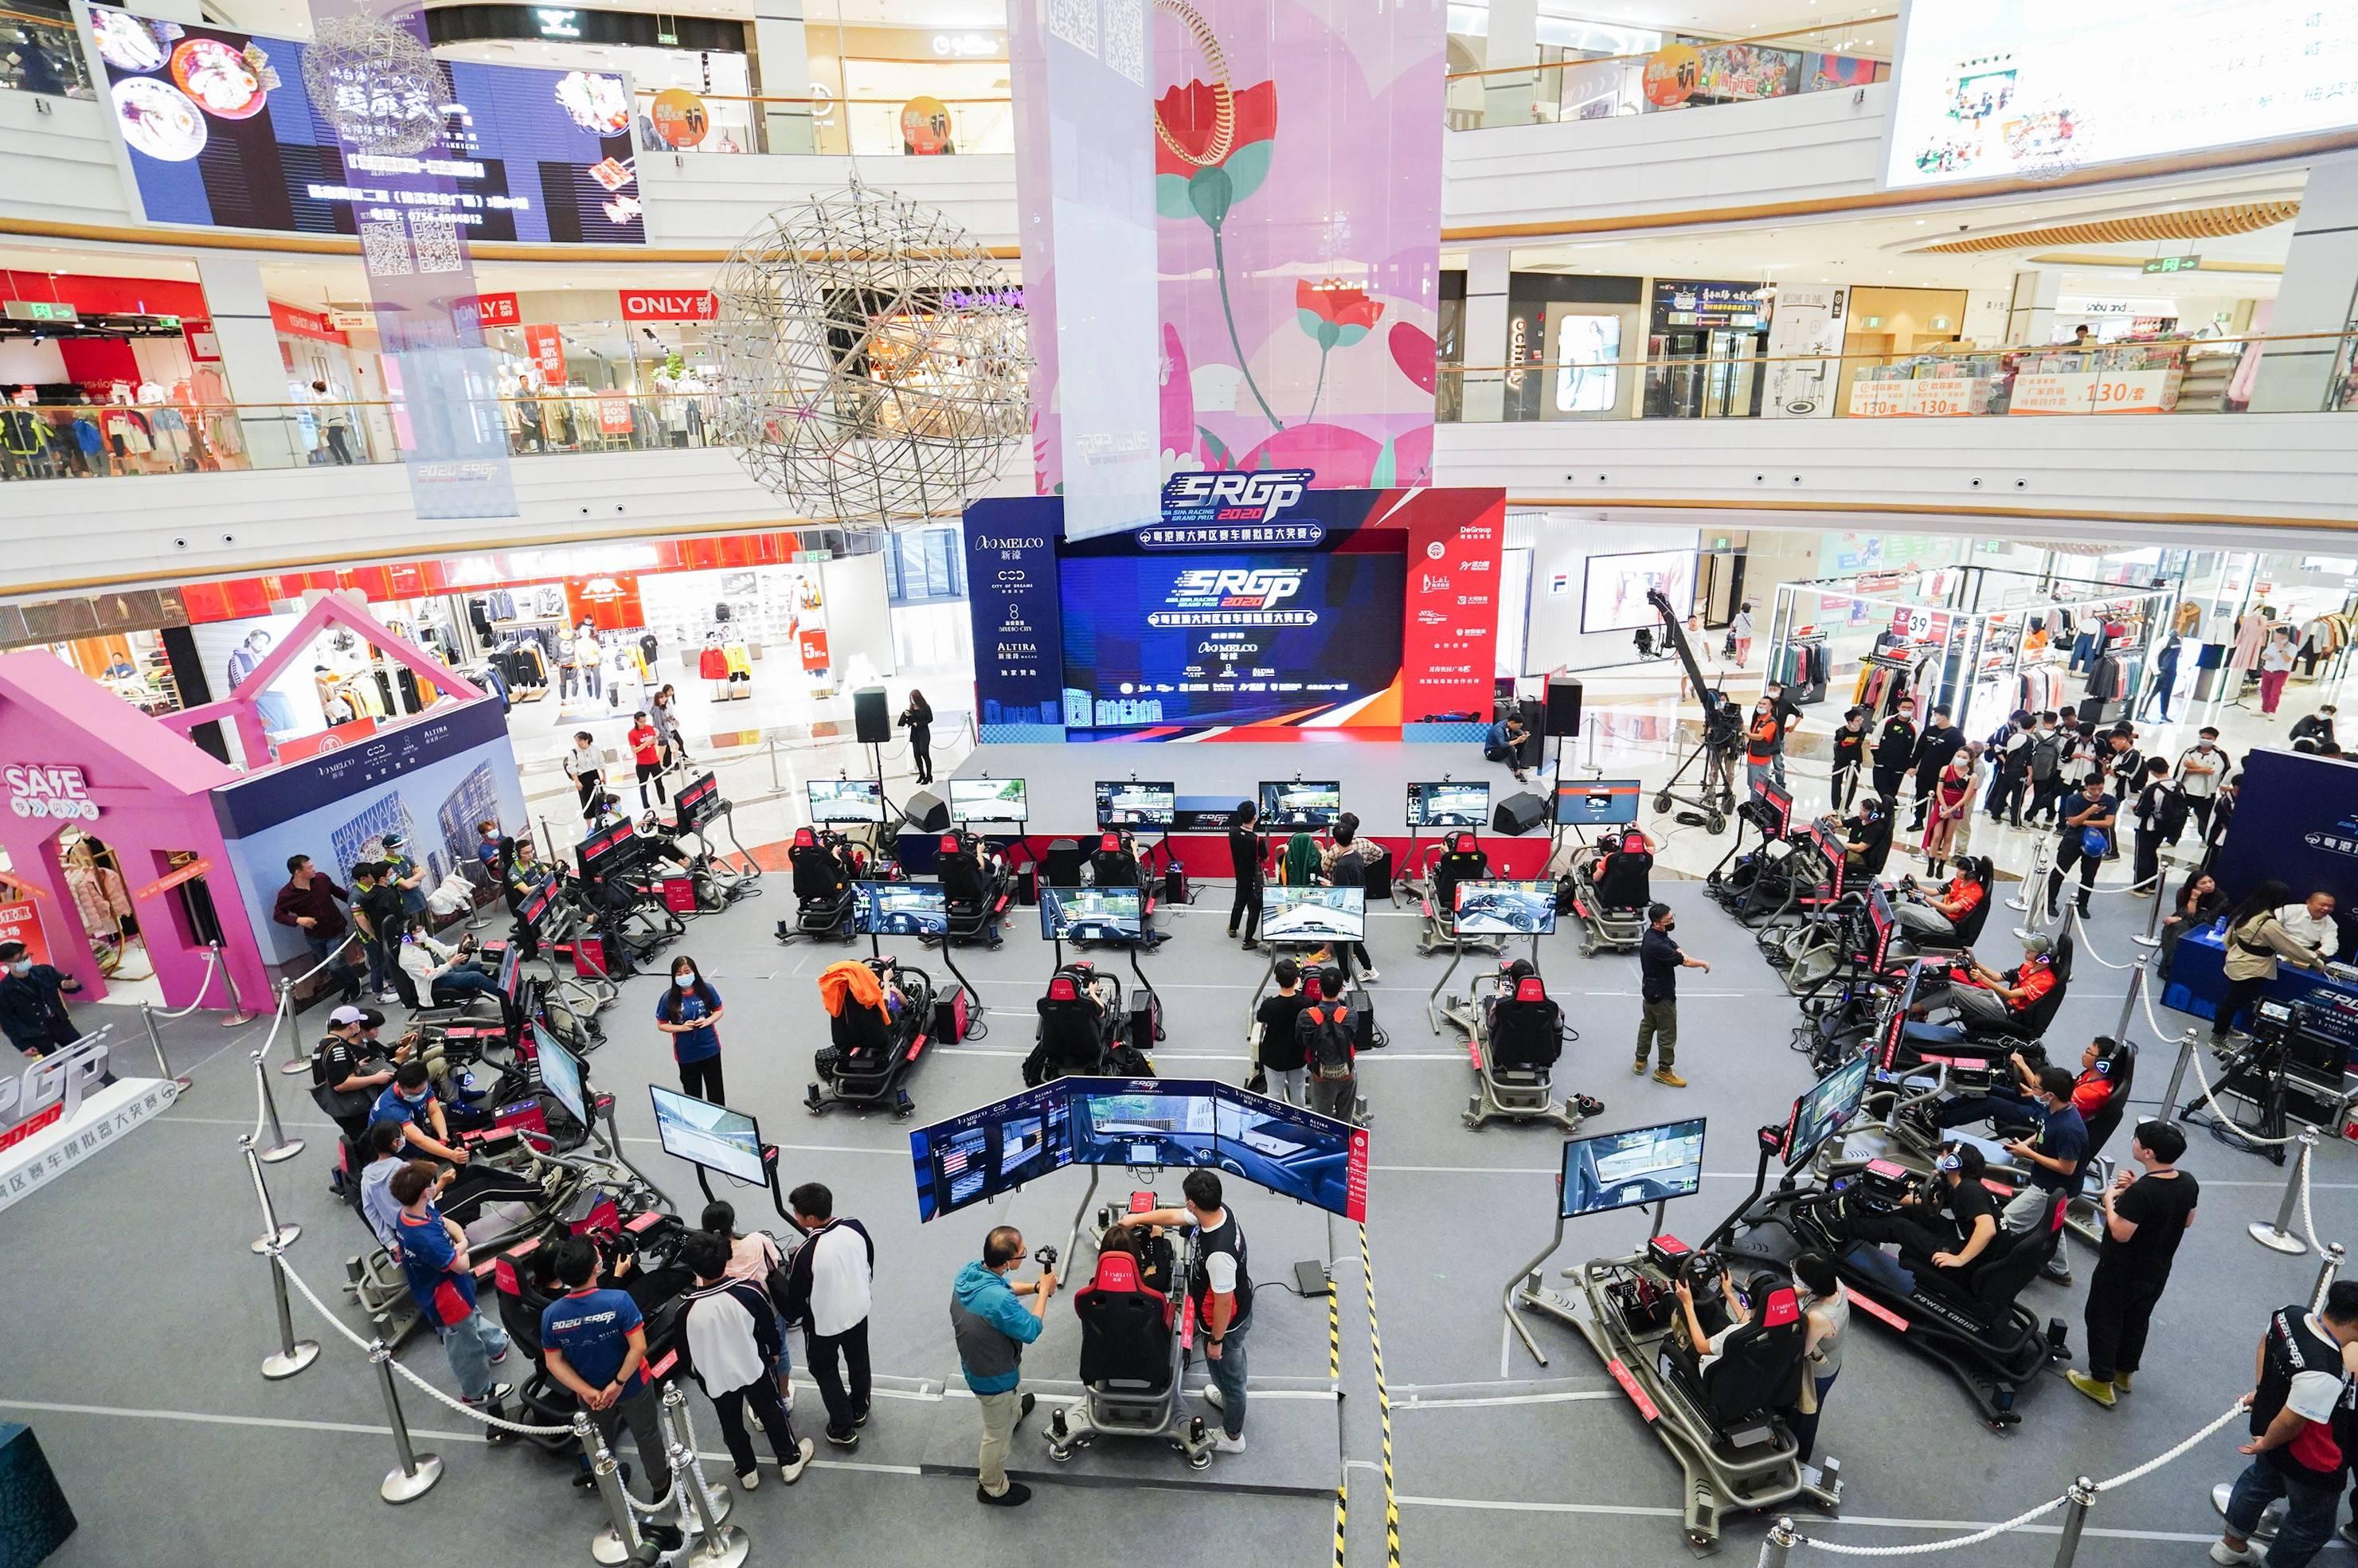 2020粤港澳大湾区赛车模拟器大奖赛 珠海站比赛结束